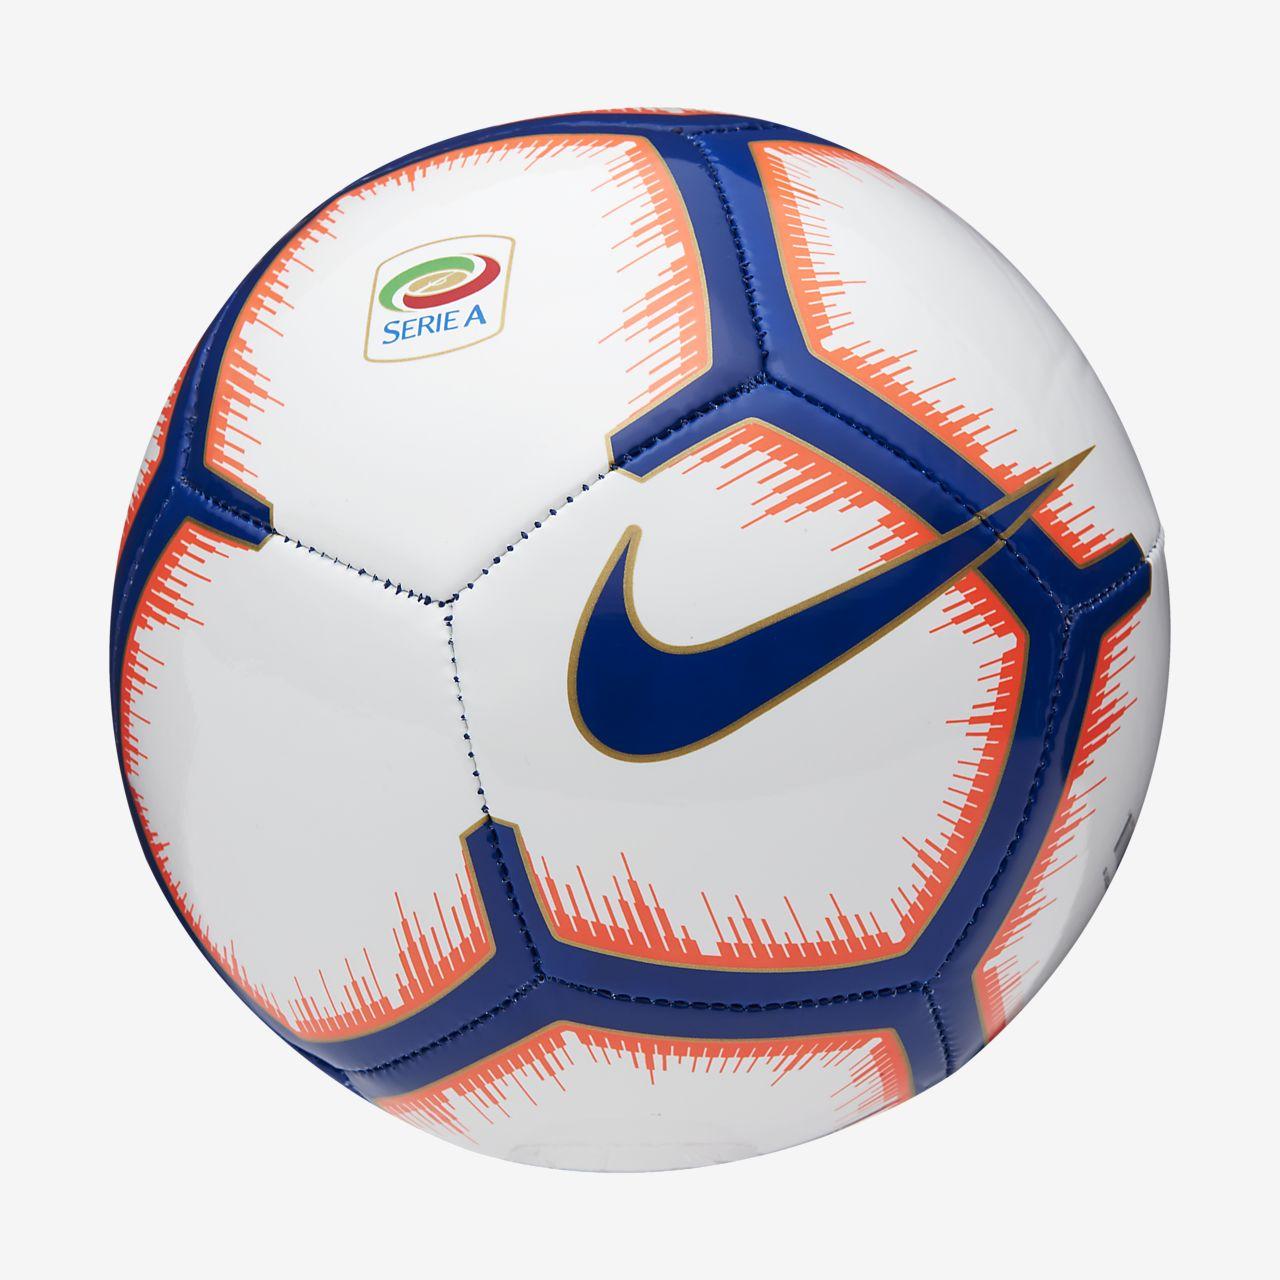 Ballon de football Serie A Skills